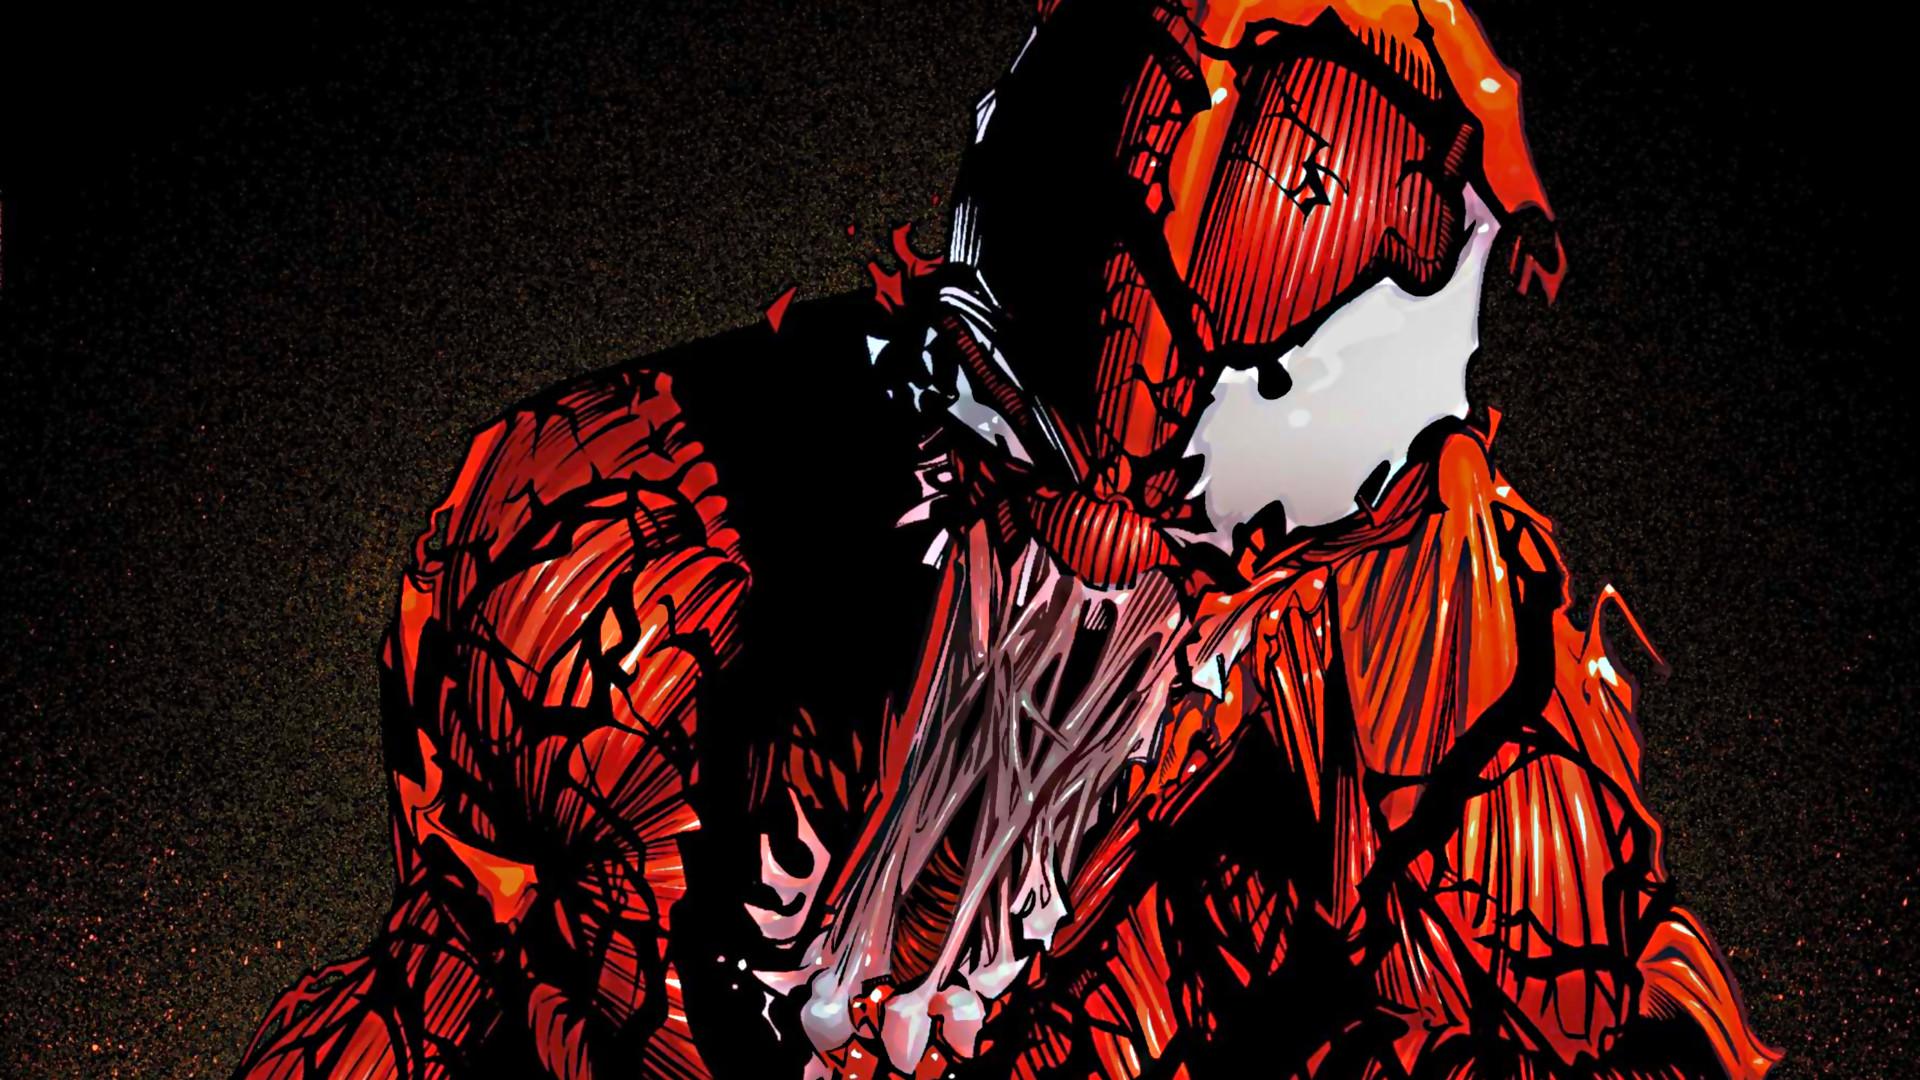 Marvel Venom Wallpaper Hd (67+ Images